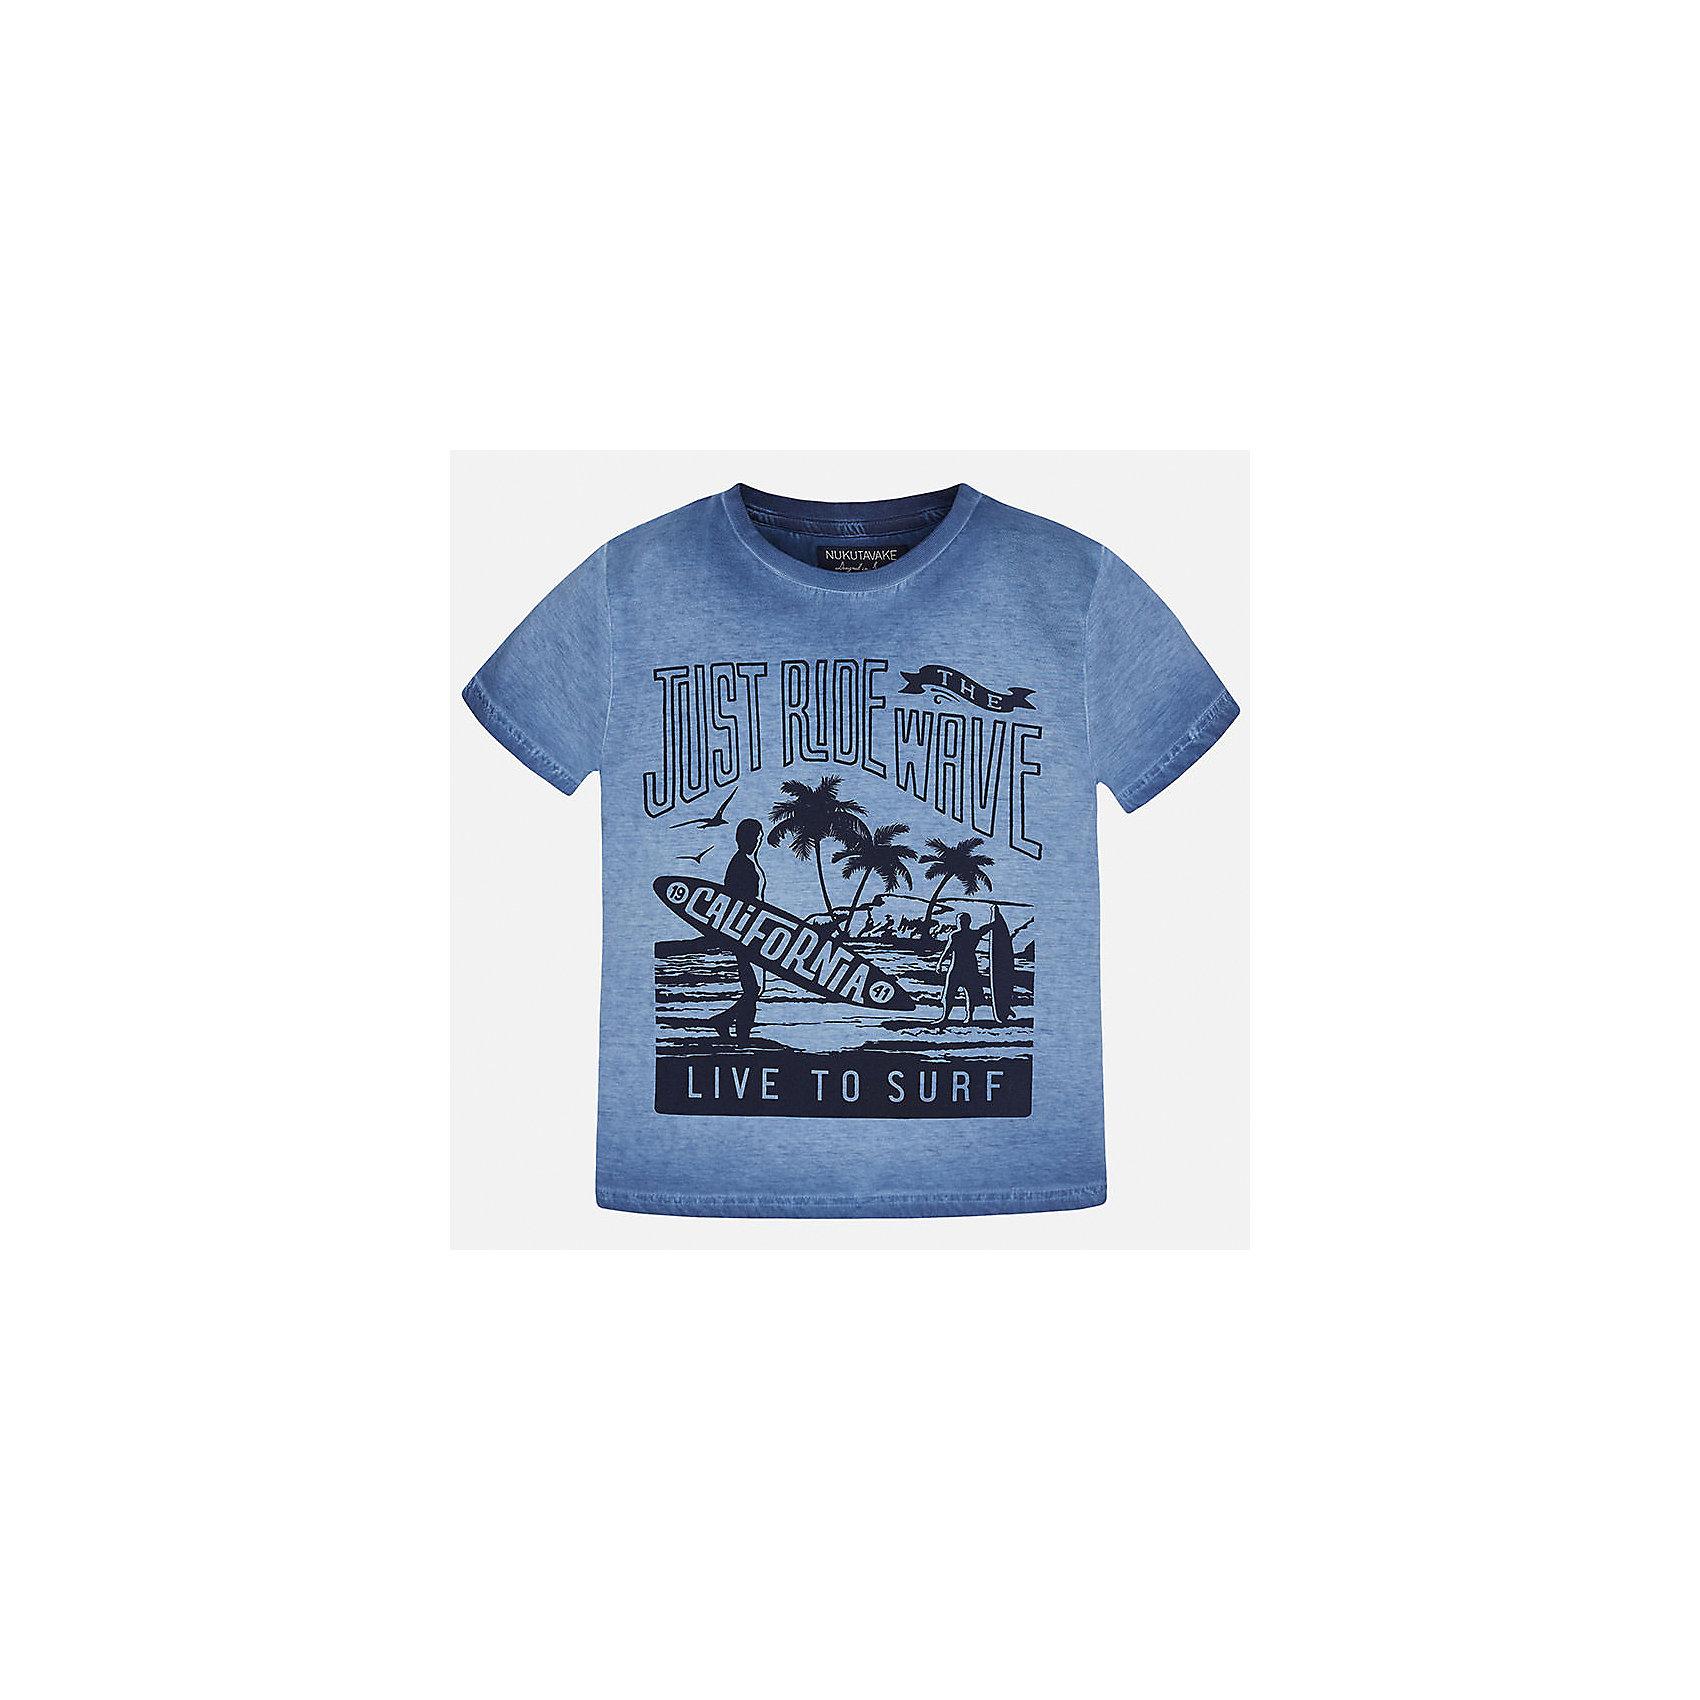 Футболка для мальчика MayoralФутболки, поло и топы<br>Характеристики товара:<br><br>• цвет: синий<br>• состав: 100% хлопок<br>• круглый горловой вырез<br>• декорирована принтом<br>• короткие рукава<br>• мягкая отделка горловины<br>• страна бренда: Испания<br><br>Модная удобная футболка с принтом поможет разнообразить гардероб мальчика. Она отлично сочетается с брюками, шортами, джинсами. Универсальный крой и цвет позволяет подобрать к вещи низ разных расцветок. Практичное и стильное изделие! Хорошо смотрится и комфортно сидит на детях. В составе материала - только натуральный хлопок, гипоаллергенный, приятный на ощупь, дышащий. <br><br>Одежда, обувь и аксессуары от испанского бренда Mayoral полюбились детям и взрослым по всему миру. Модели этой марки - стильные и удобные. Для их производства используются только безопасные, качественные материалы и фурнитура. Порадуйте ребенка модными и красивыми вещами от Mayoral! <br><br>Футболку для мальчика от испанского бренда Mayoral (Майорал) можно купить в нашем интернет-магазине.<br><br>Ширина мм: 199<br>Глубина мм: 10<br>Высота мм: 161<br>Вес г: 151<br>Цвет: синий<br>Возраст от месяцев: 84<br>Возраст до месяцев: 96<br>Пол: Мужской<br>Возраст: Детский<br>Размер: 128/134,170,164,158,152,140<br>SKU: 5281374